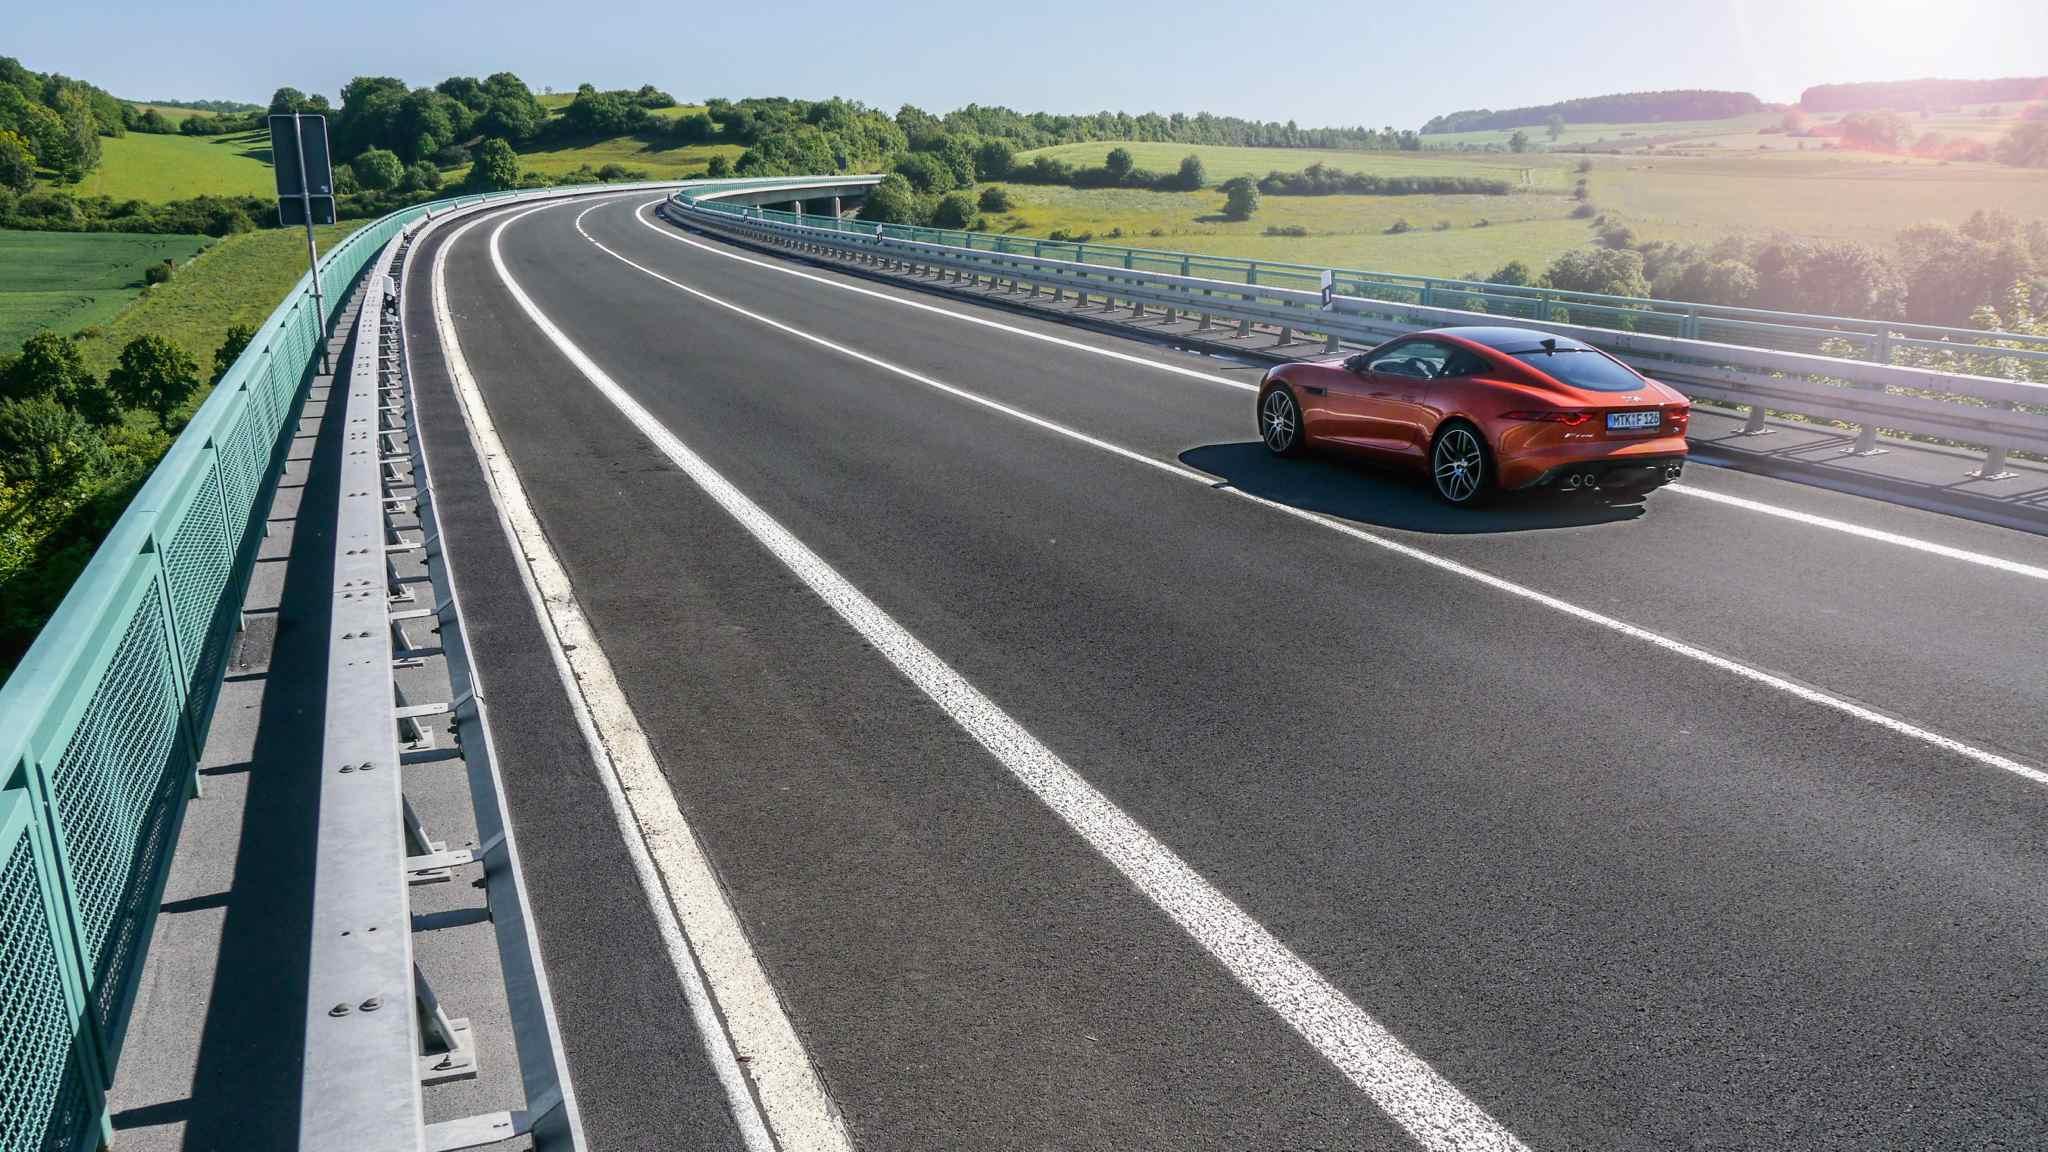 P1120526 - Jaguar F-Type R Coupé im Test: Diese Wildkatze ist alles andere als gezähmt!